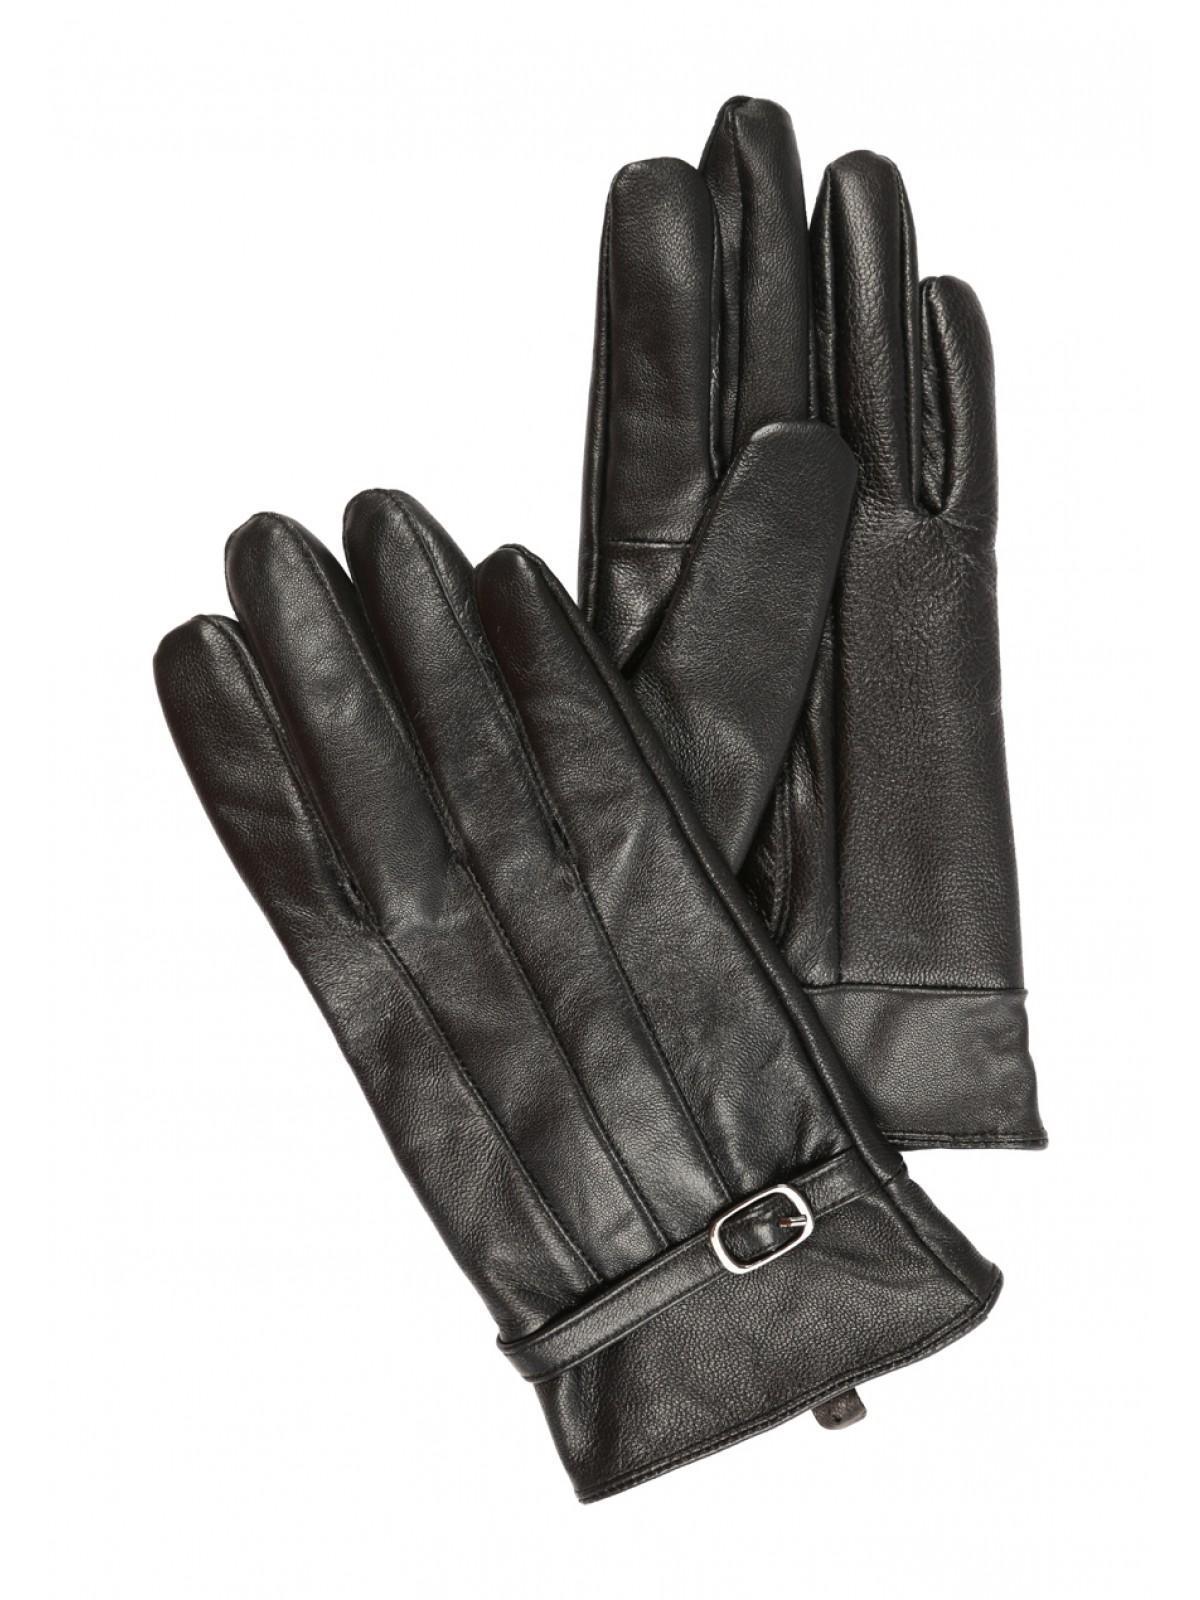 Best mens leather gloves uk - Best Mens Leather Gloves Uk 25